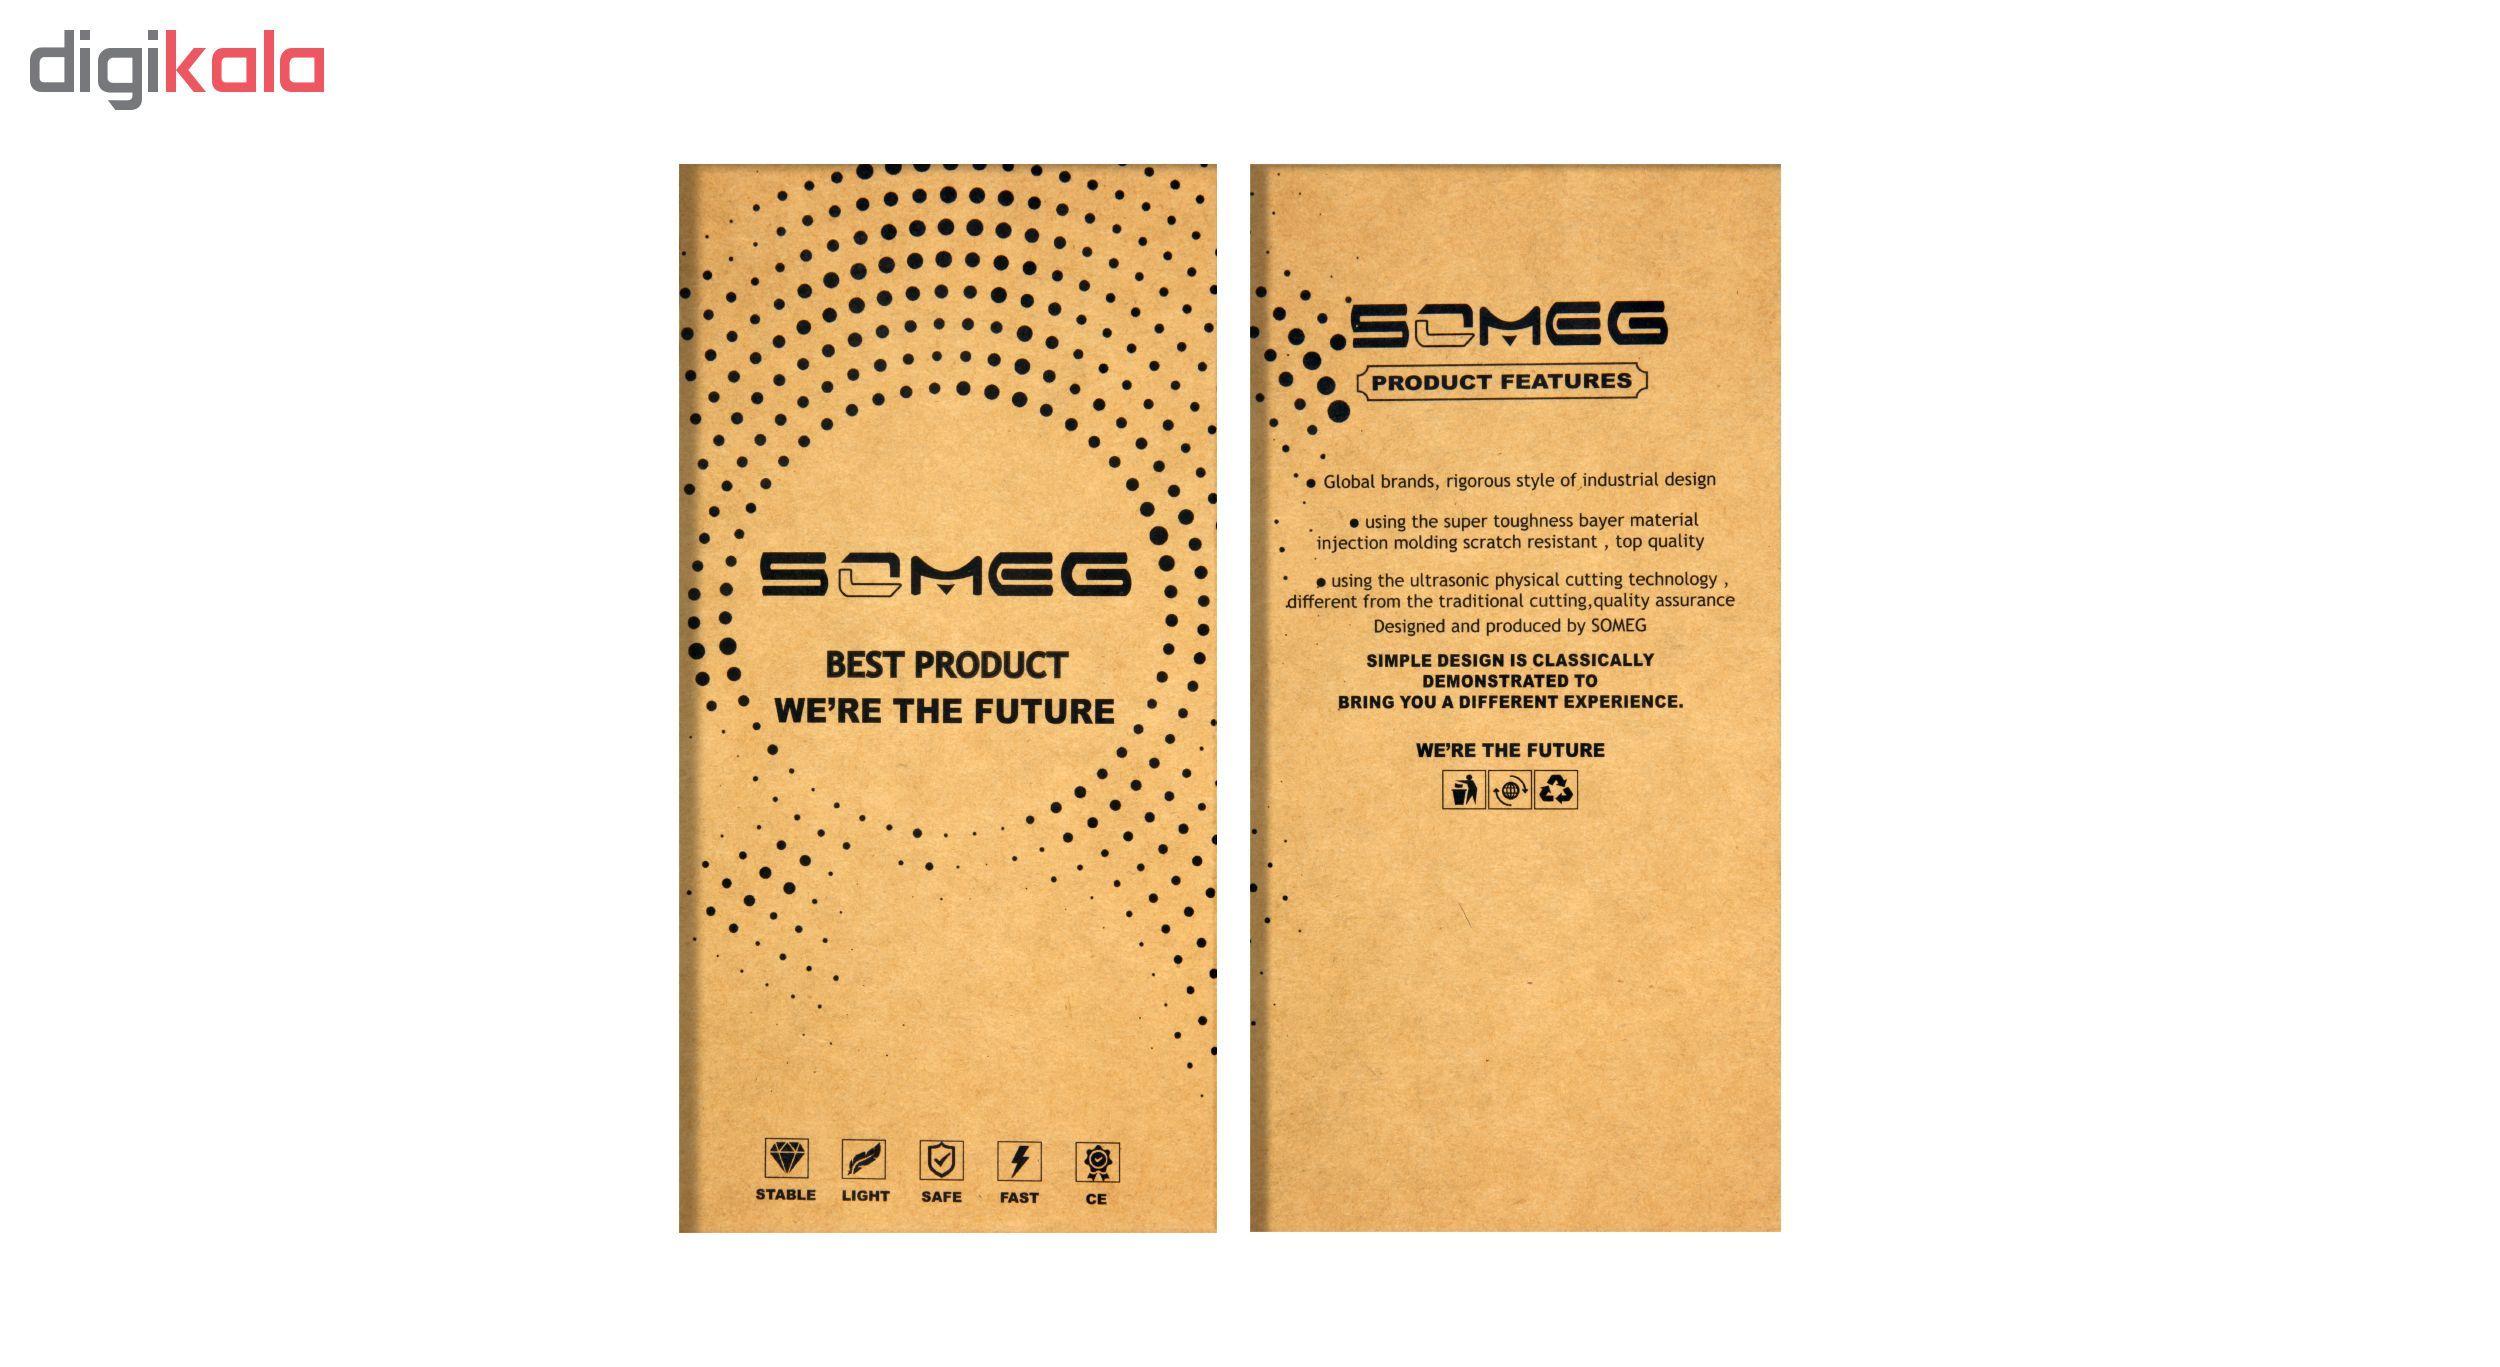 کاور سومگ مدل SC-i001 مناسب برای گوشی موبایل سامسونگ J6 Plus main 1 9